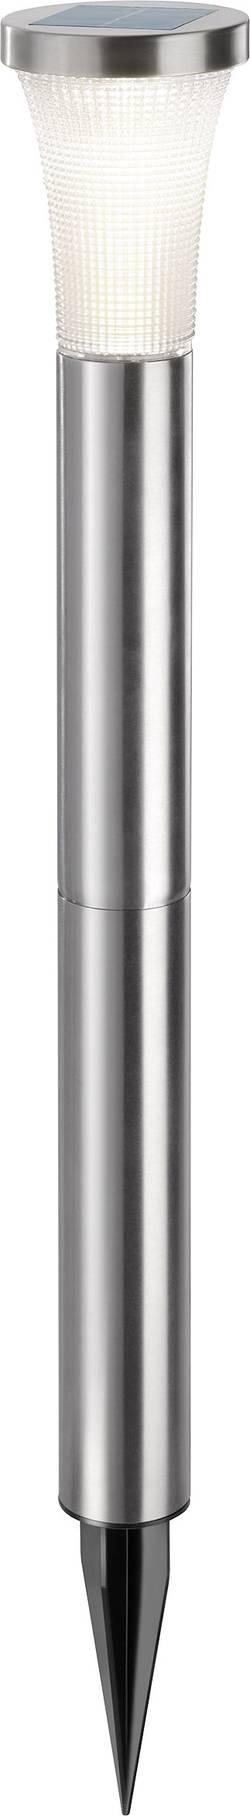 LED zahradní solární svítidlo Esotec Tower Light 102603, IP44, nerezová ocel, teplá bílá